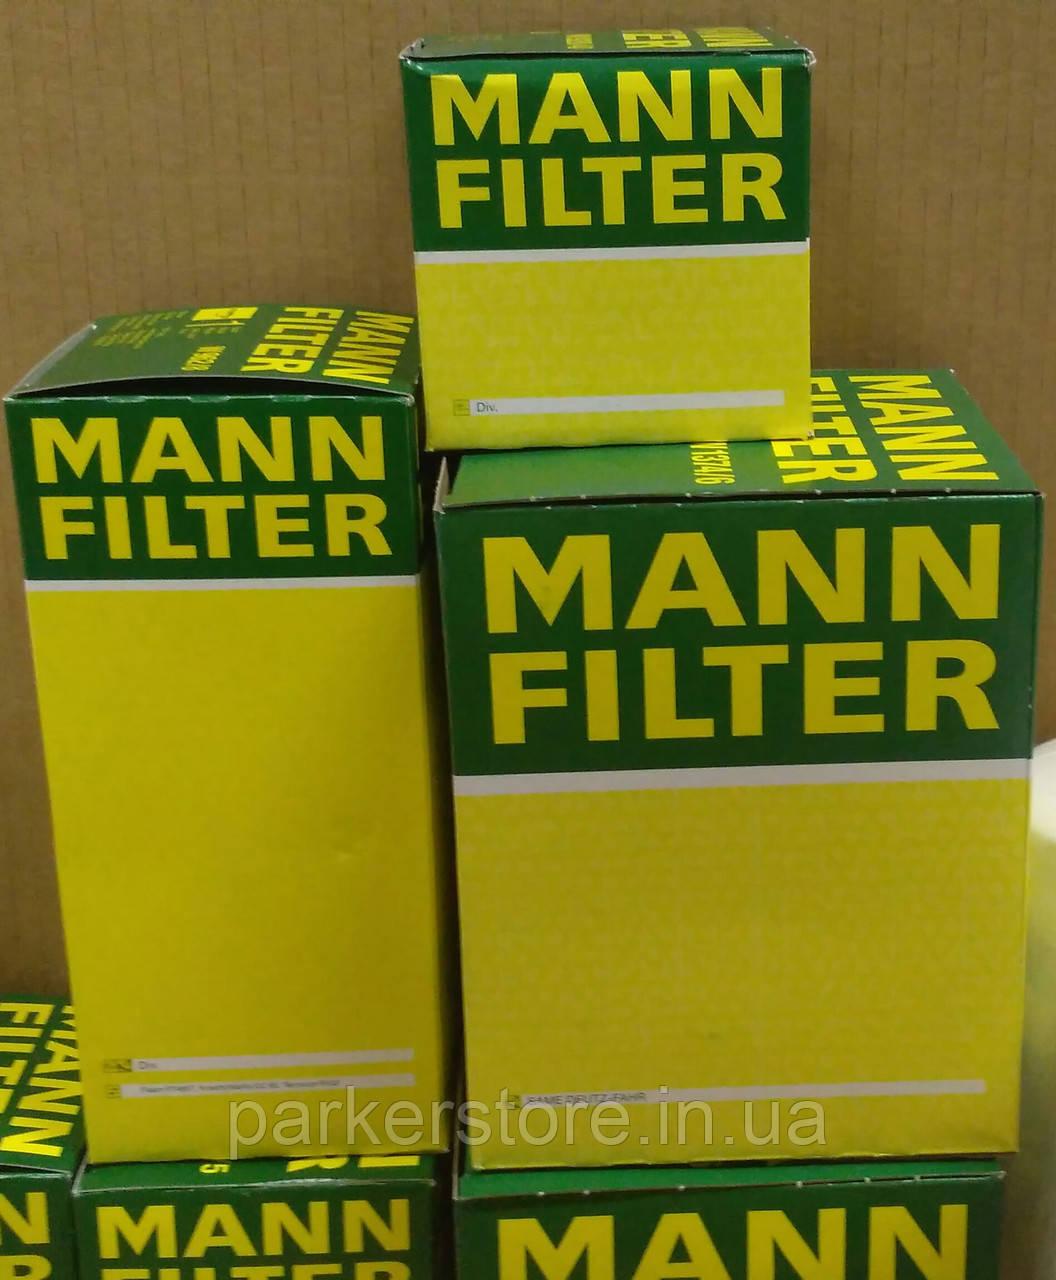 MANN FILTER / Воздушный фильтр / C 2658 / C2658